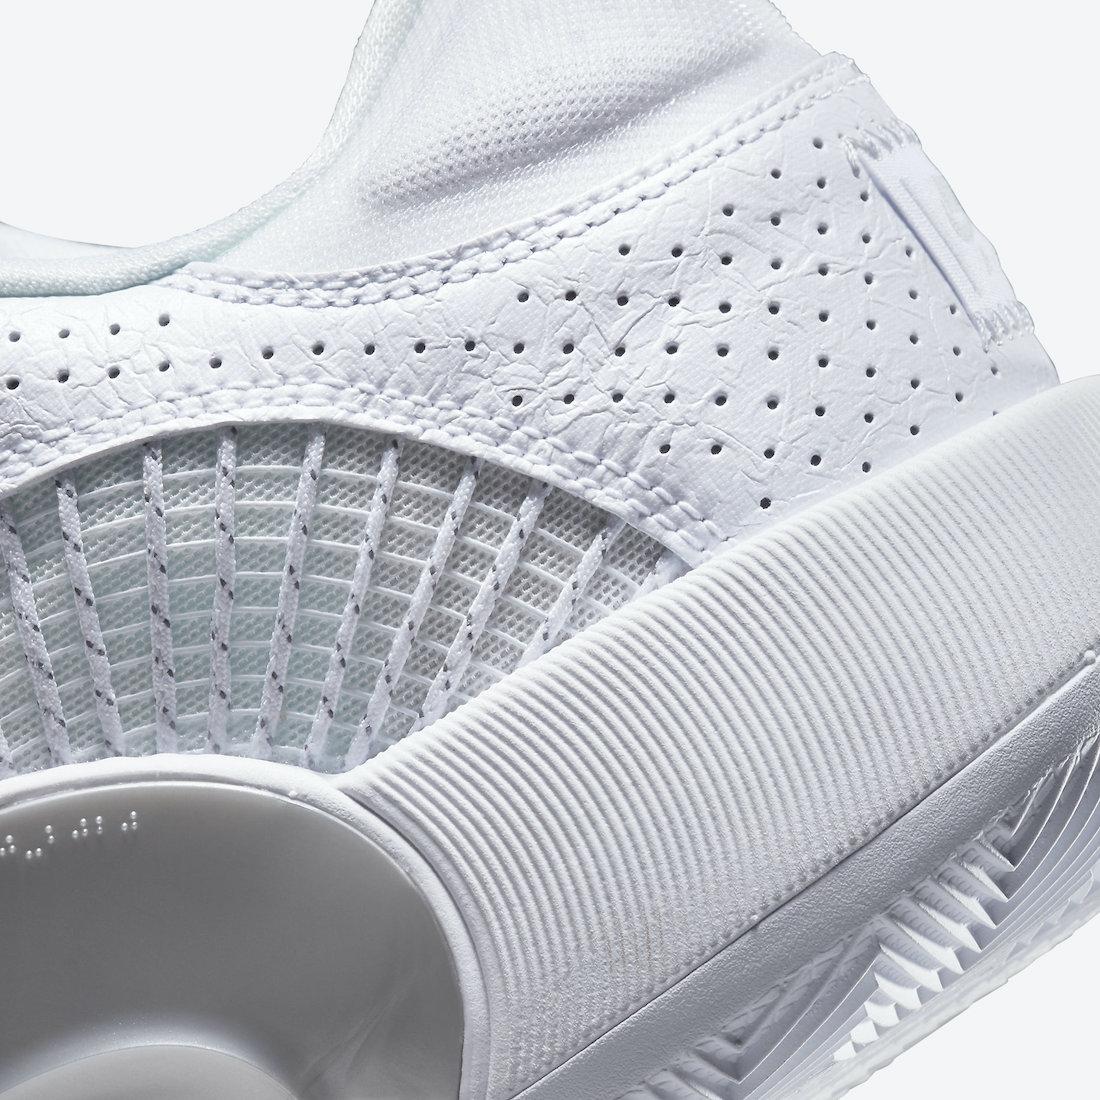 Air Jordan 35 Low,Jordan Brand  亮眼银色点缀!纯白 Air Jordan 35 Low 即将发售!